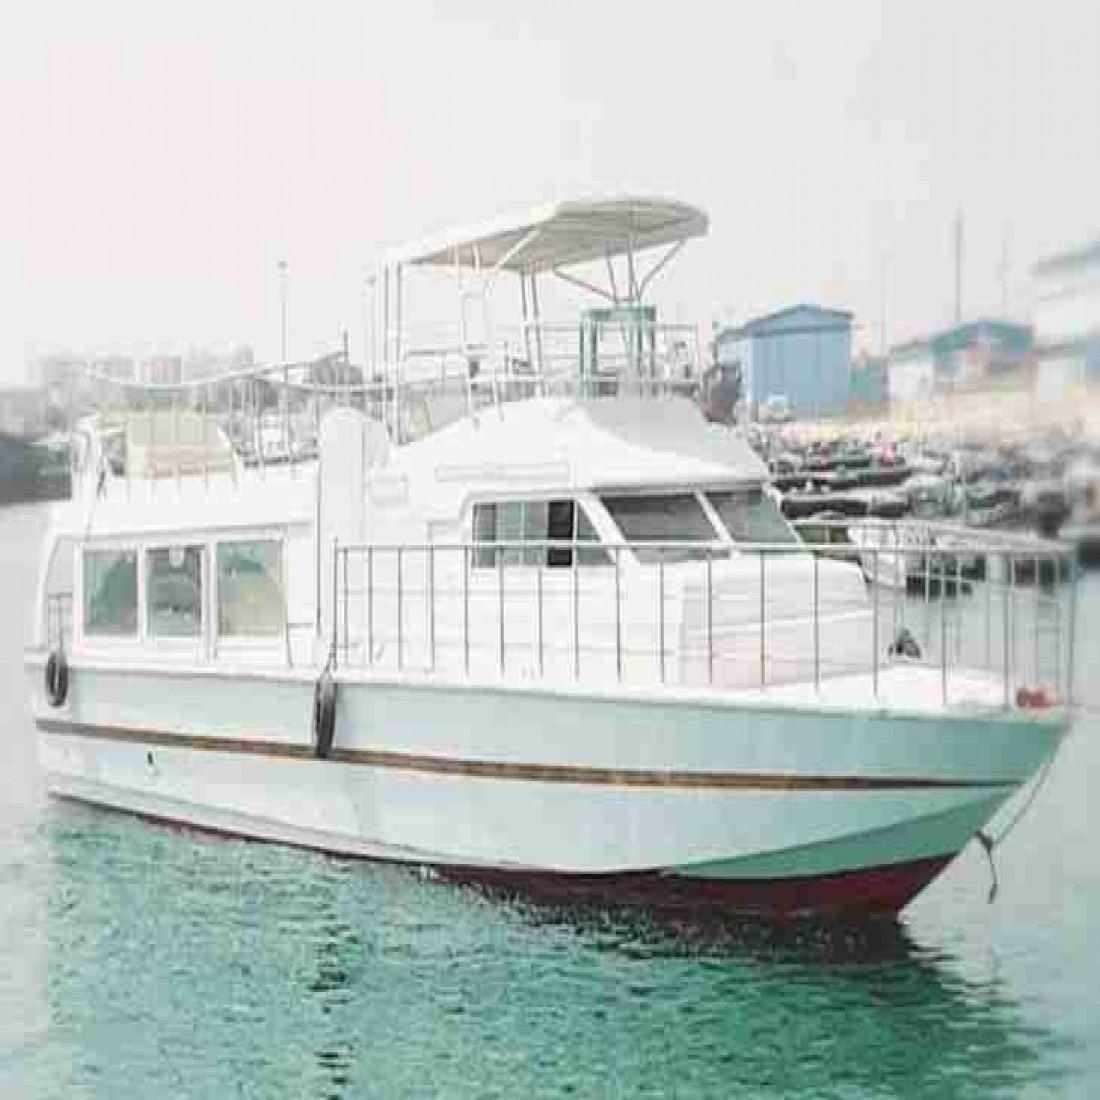 فروش و یا جذب سرمایه در کشتی تفریحی